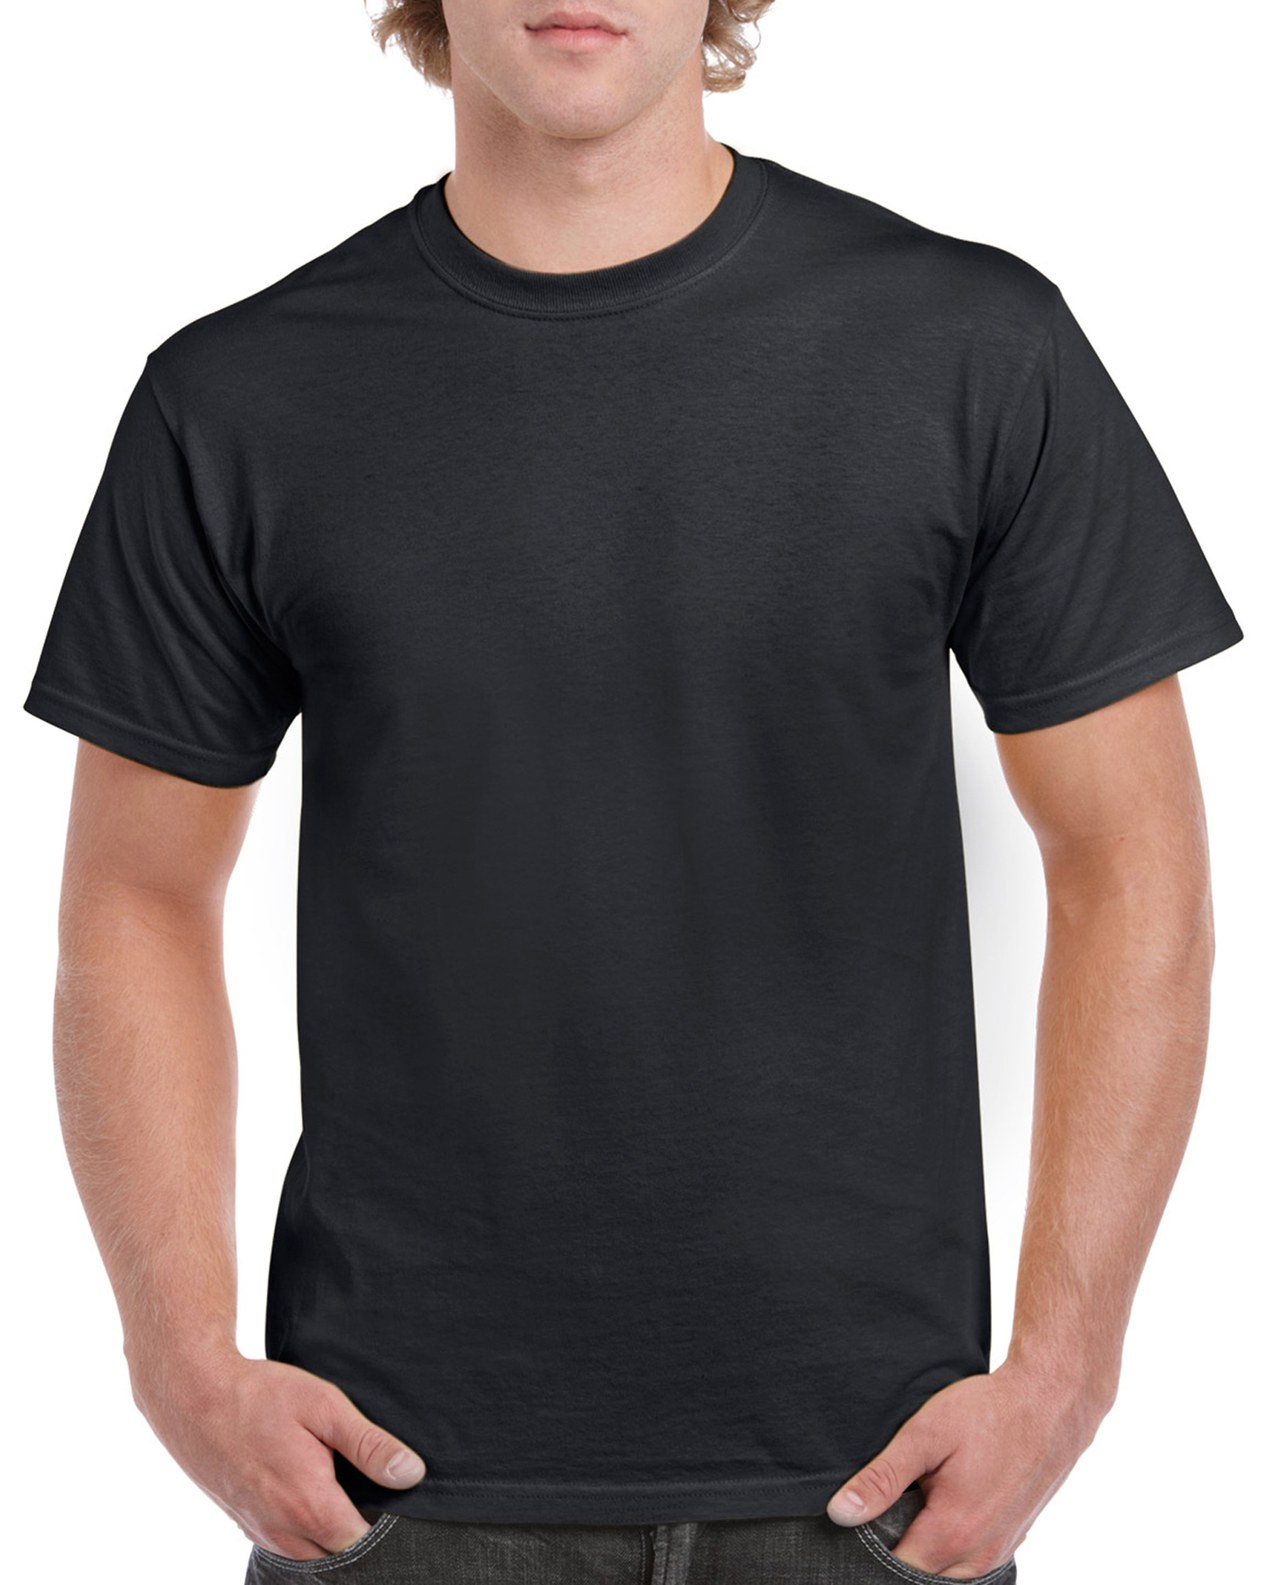 GILDAN koszulki HEAVY męskie T-shirt CZARNA XL